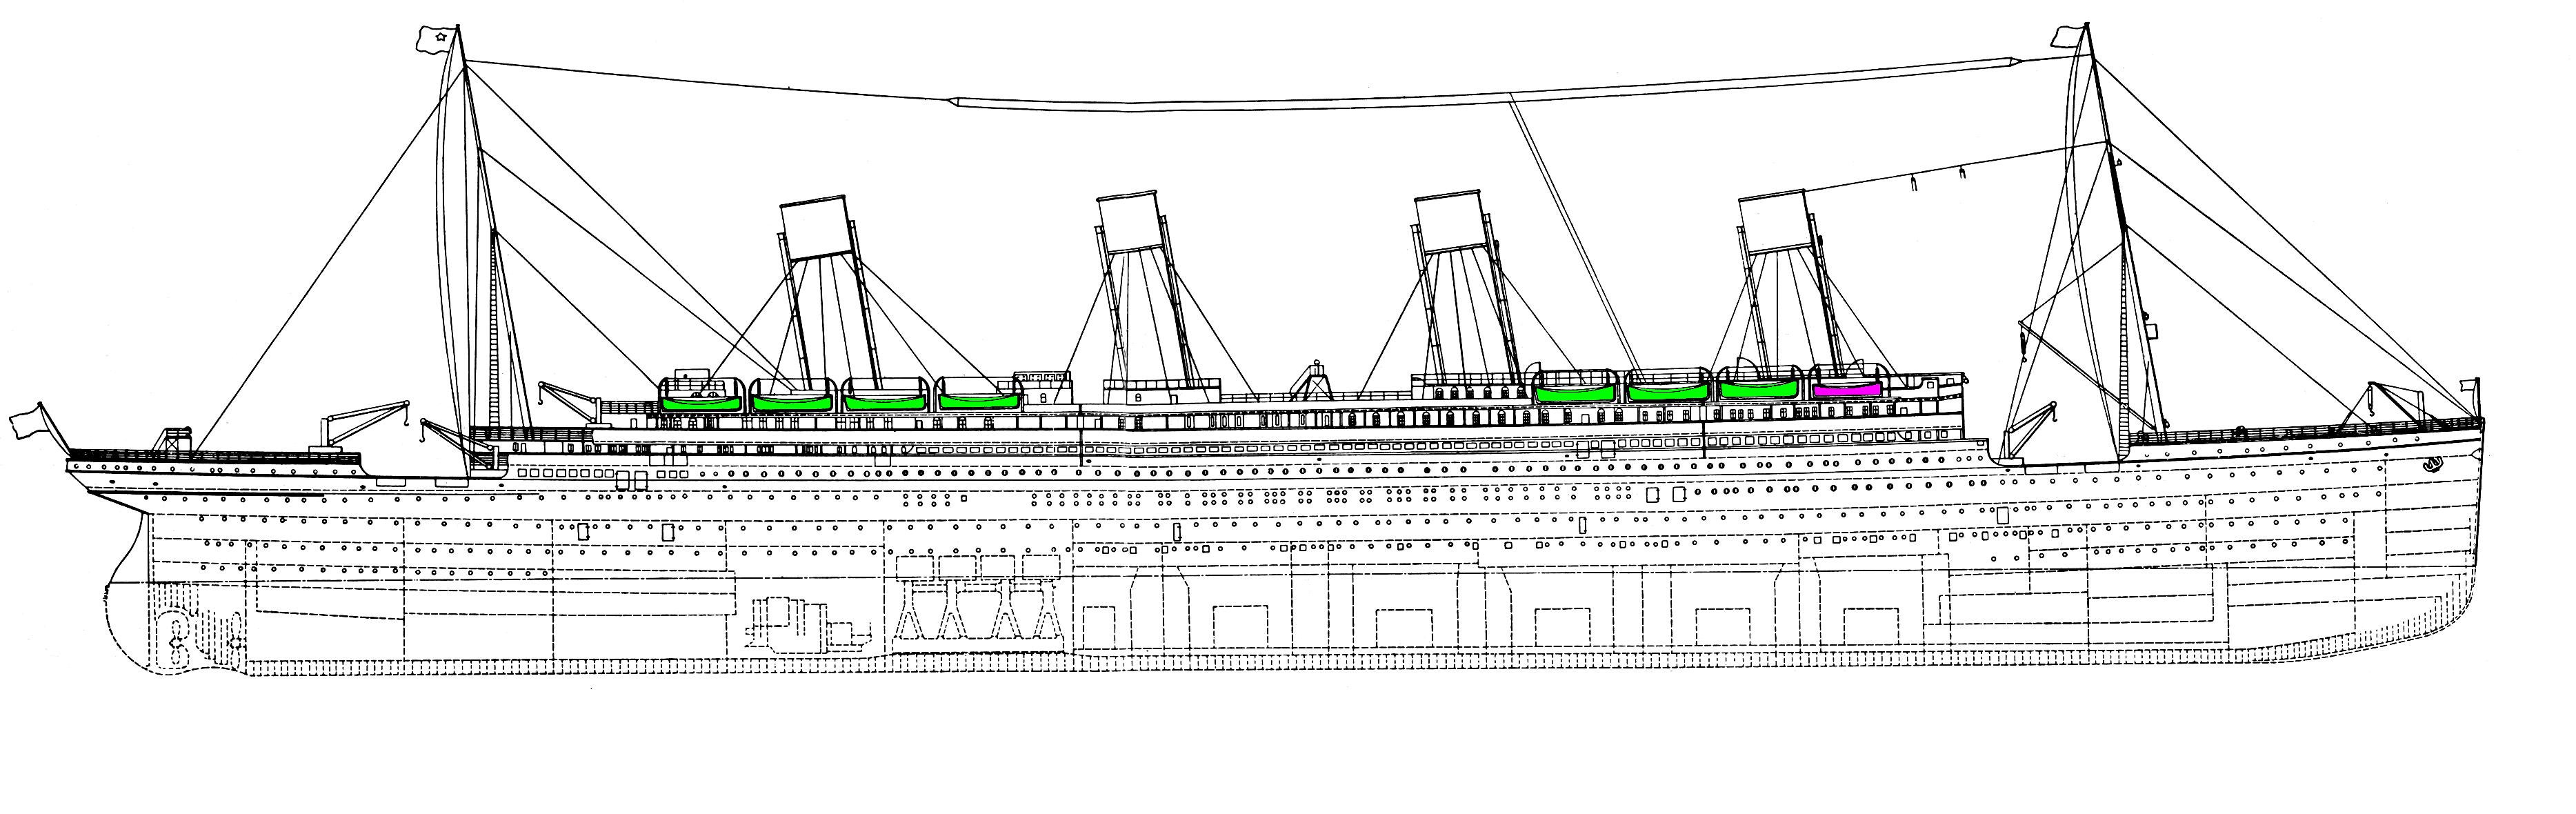 Disegni titanic forum modellismo for Disegnare progetti